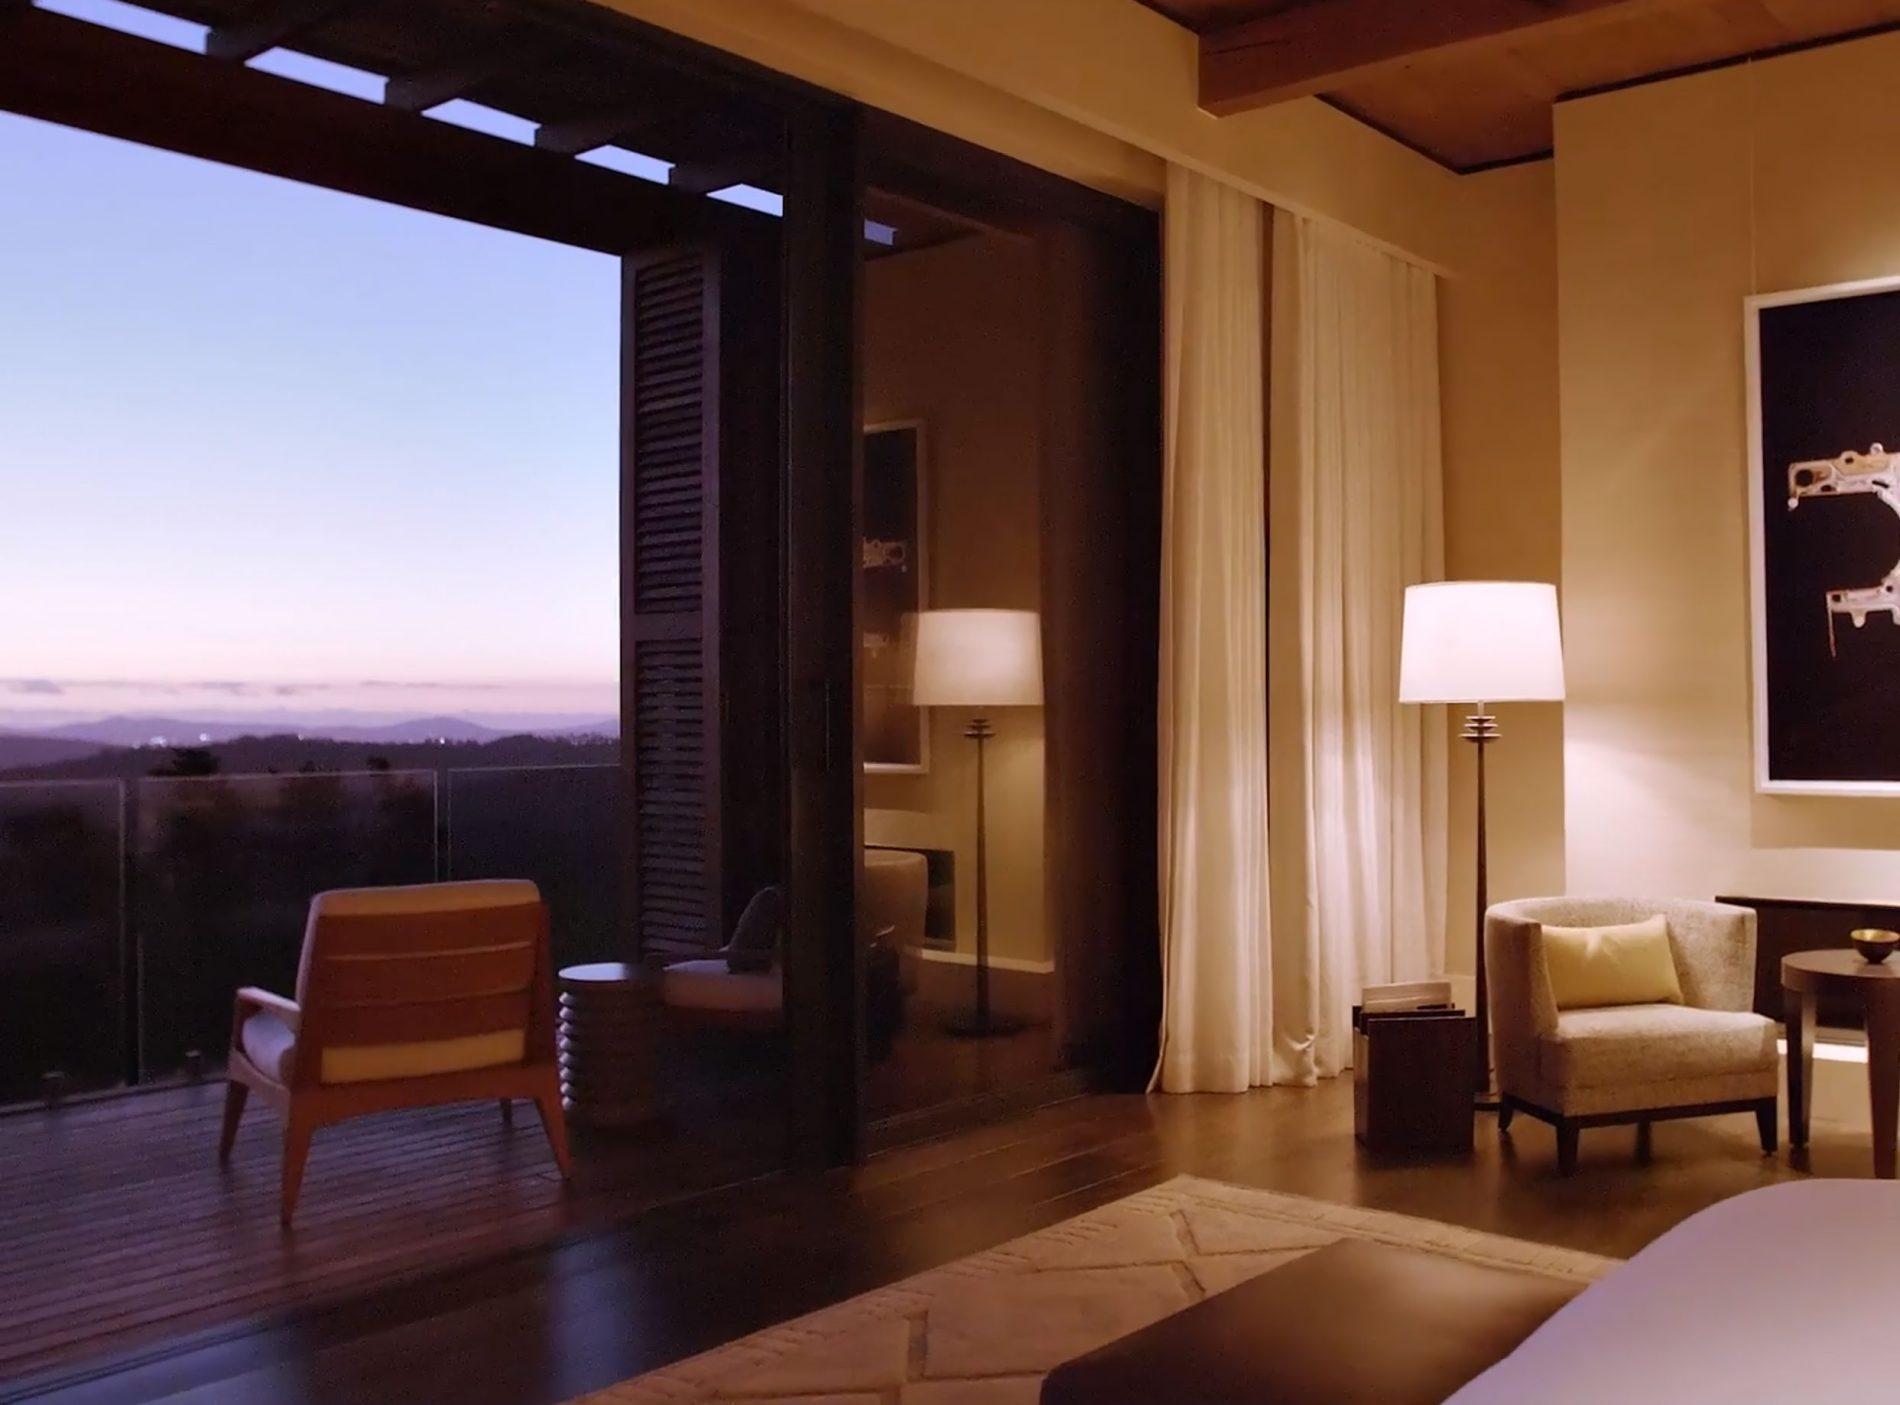 Four en-suite bedrooms